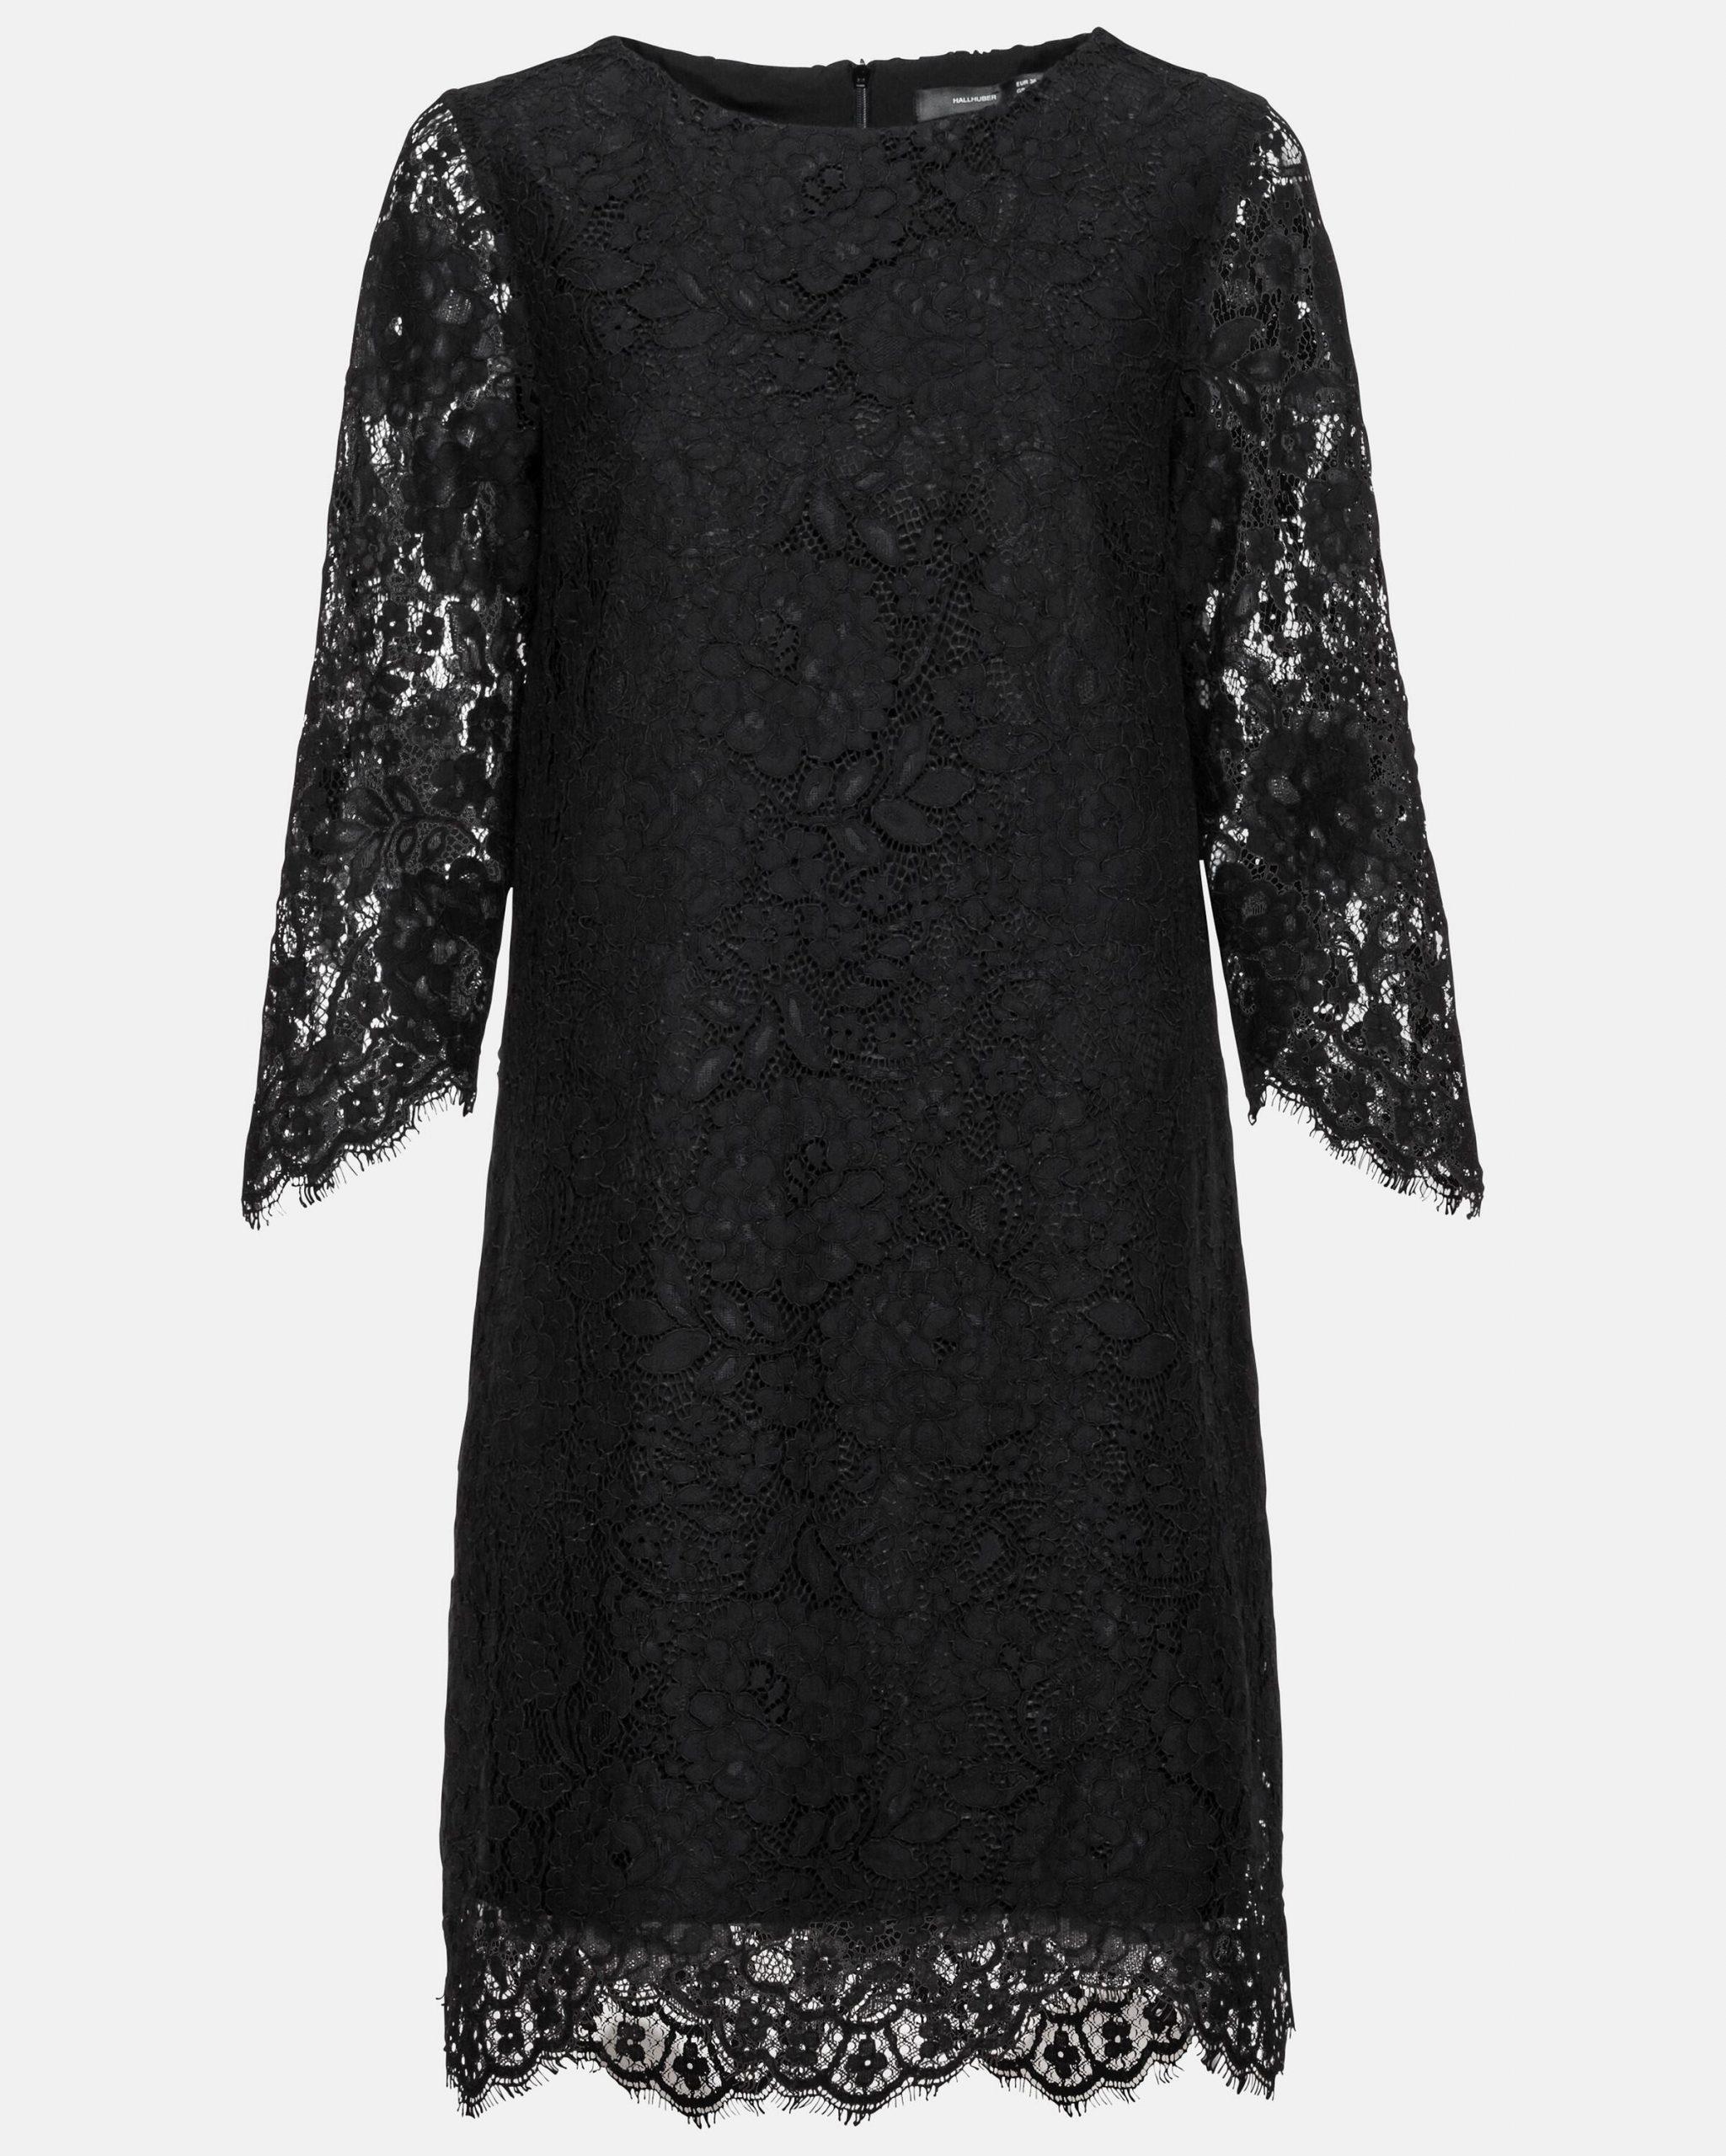 Formal Großartig Kleider Für Heiligabend Boutique Einfach Kleider Für Heiligabend Ärmel